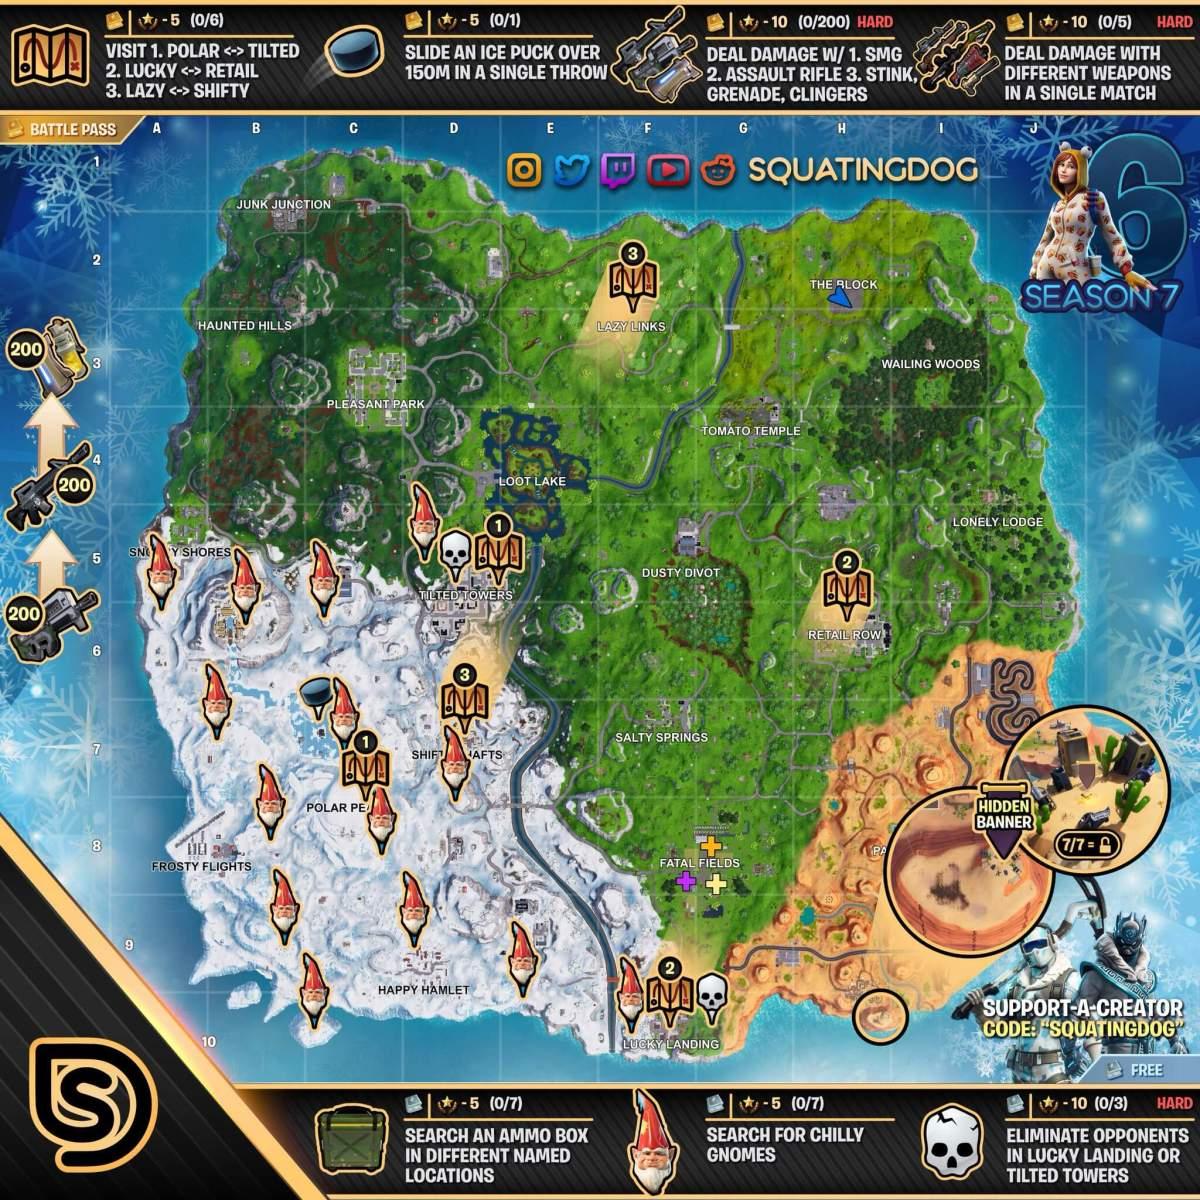 Fortnite desafios semana 6 temporada 7 - Mapa